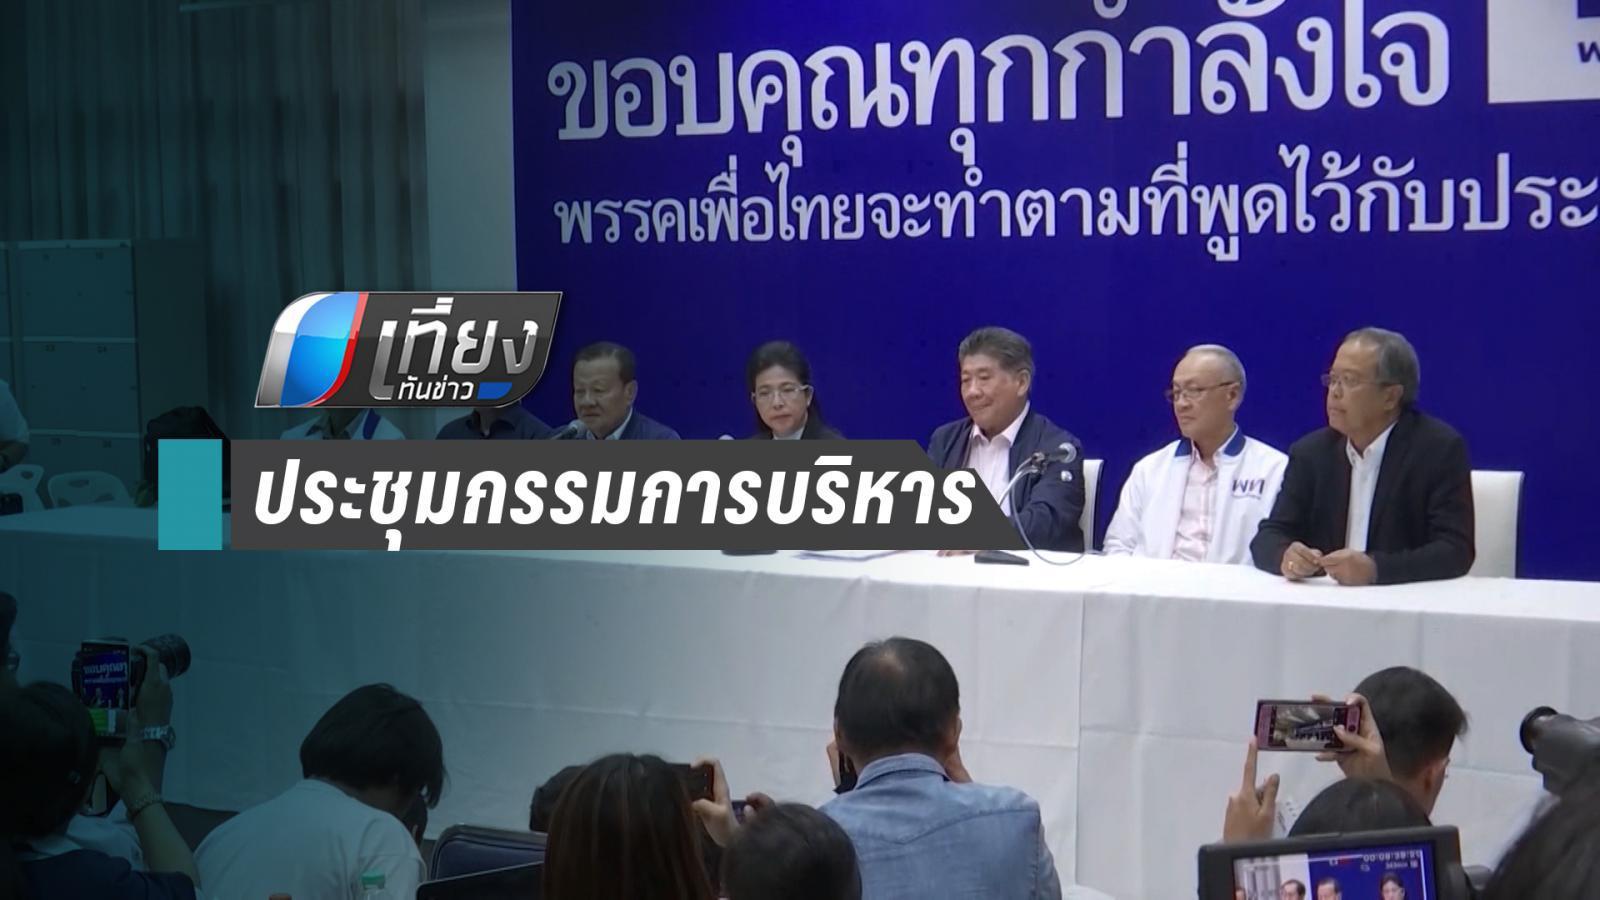 """""""เพื่อไทย"""" ถก กก.บห. เตรียมประชุมใหญ่ 21 เม.ย.นี้"""